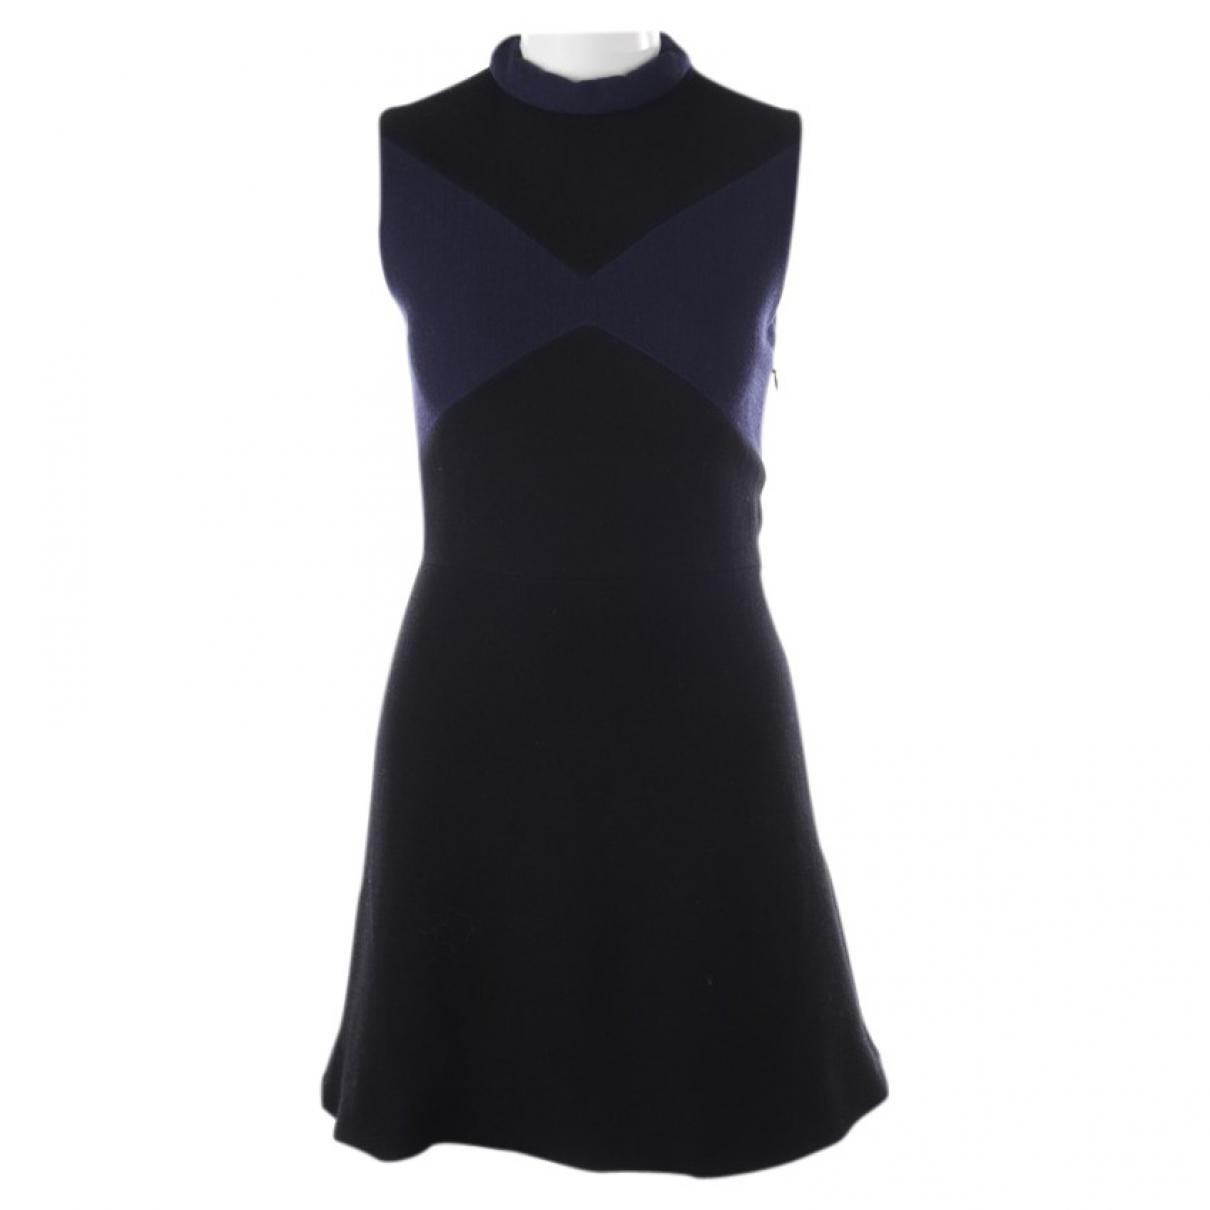 Victoria Beckham \N Kleid in  Blau Wolle